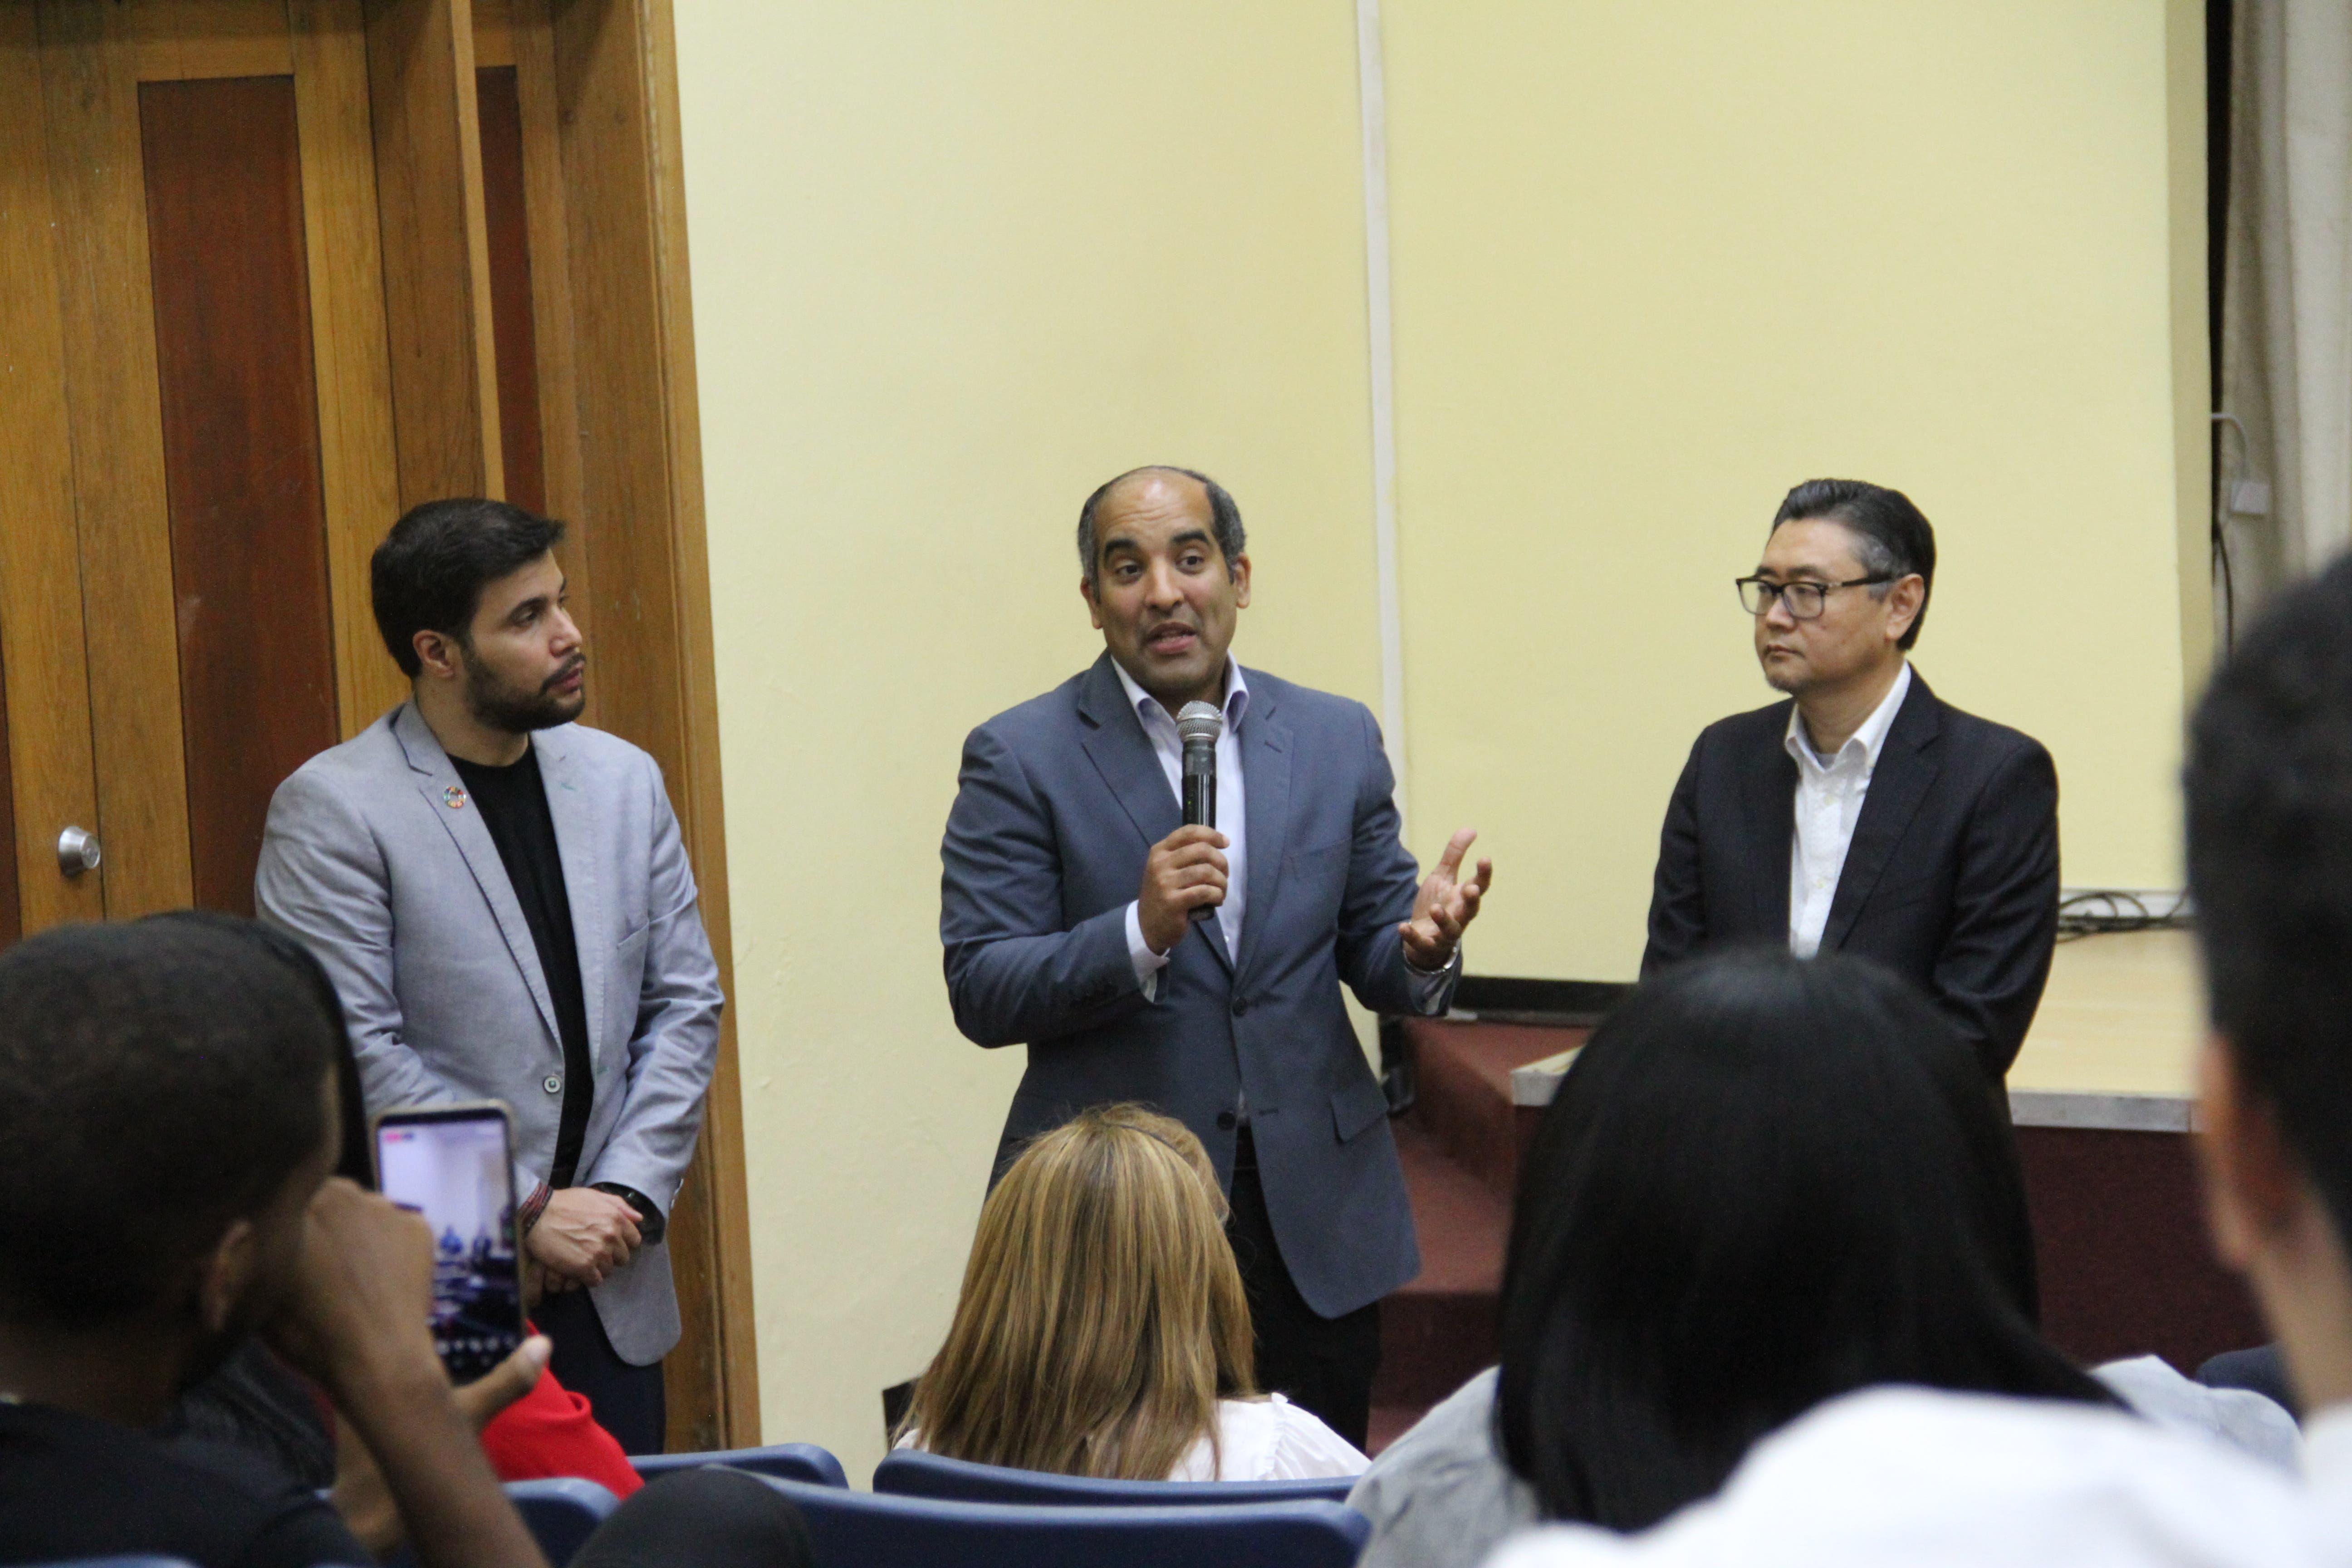 El acto estuvo encabezado por  José Armando Tavárez, Presidente de la Cámara TIC quien en sus palabras destacó que la Red TIC tiene como objetivo potenciar la creatividad, competitividad y la innovación del sector TIC a través de la inteligencia colaborativa de sus miembros.